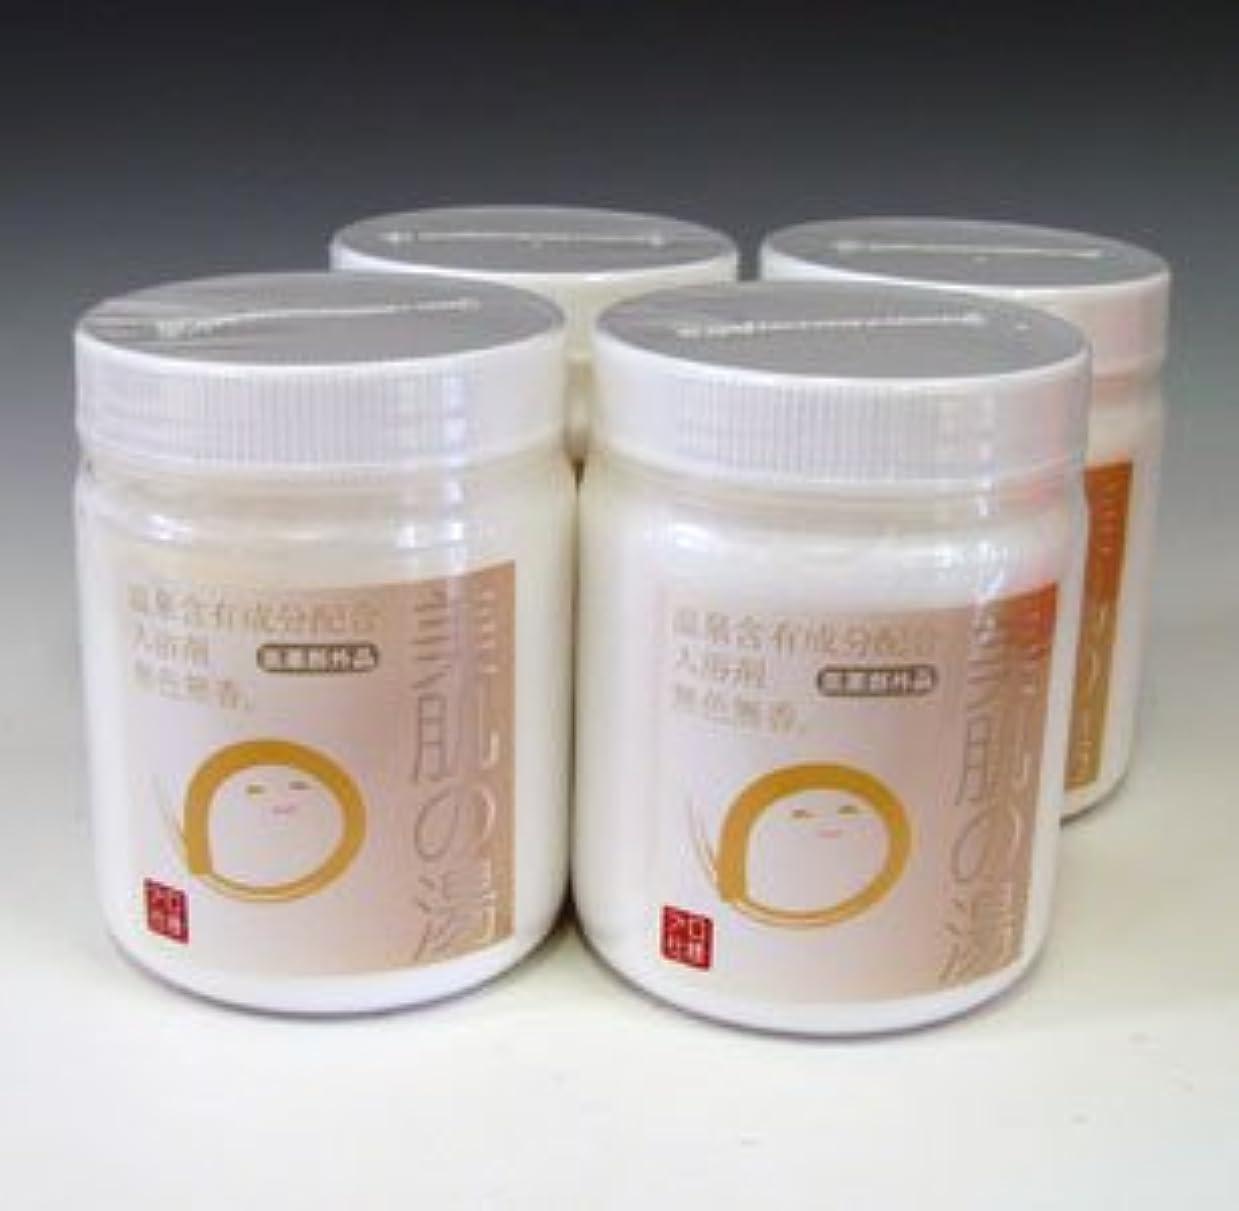 克服するサンプルホイッスル温泉入浴剤 アルカリ単純泉PH9.5 美肌の湯600g 4本セット